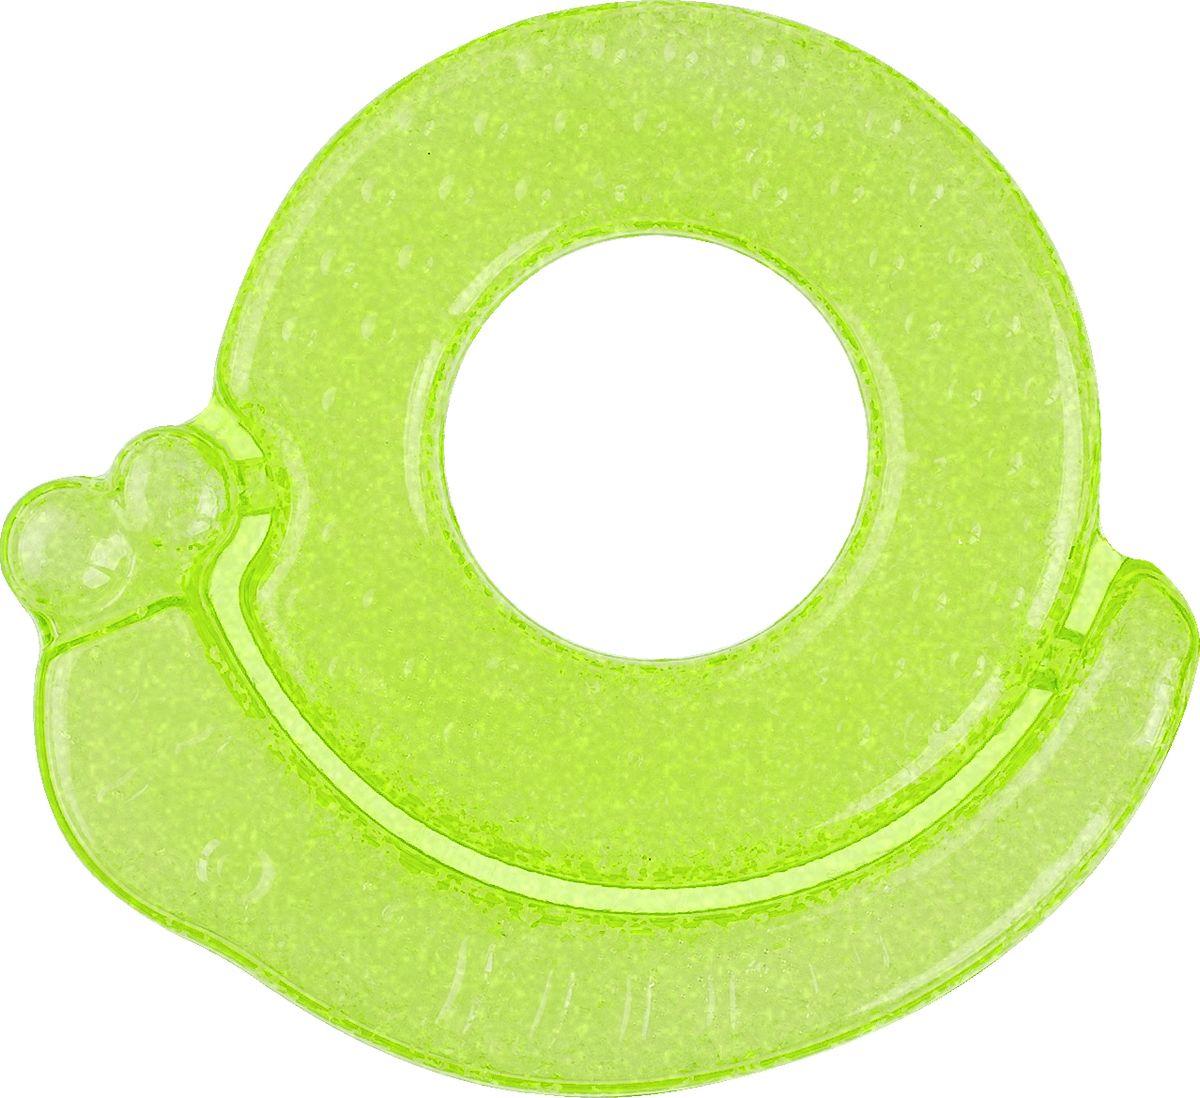 BabyOno Прорезыватель охлаждающий Улитка цвет зеленый погремушки babyono прорезыватель коралл